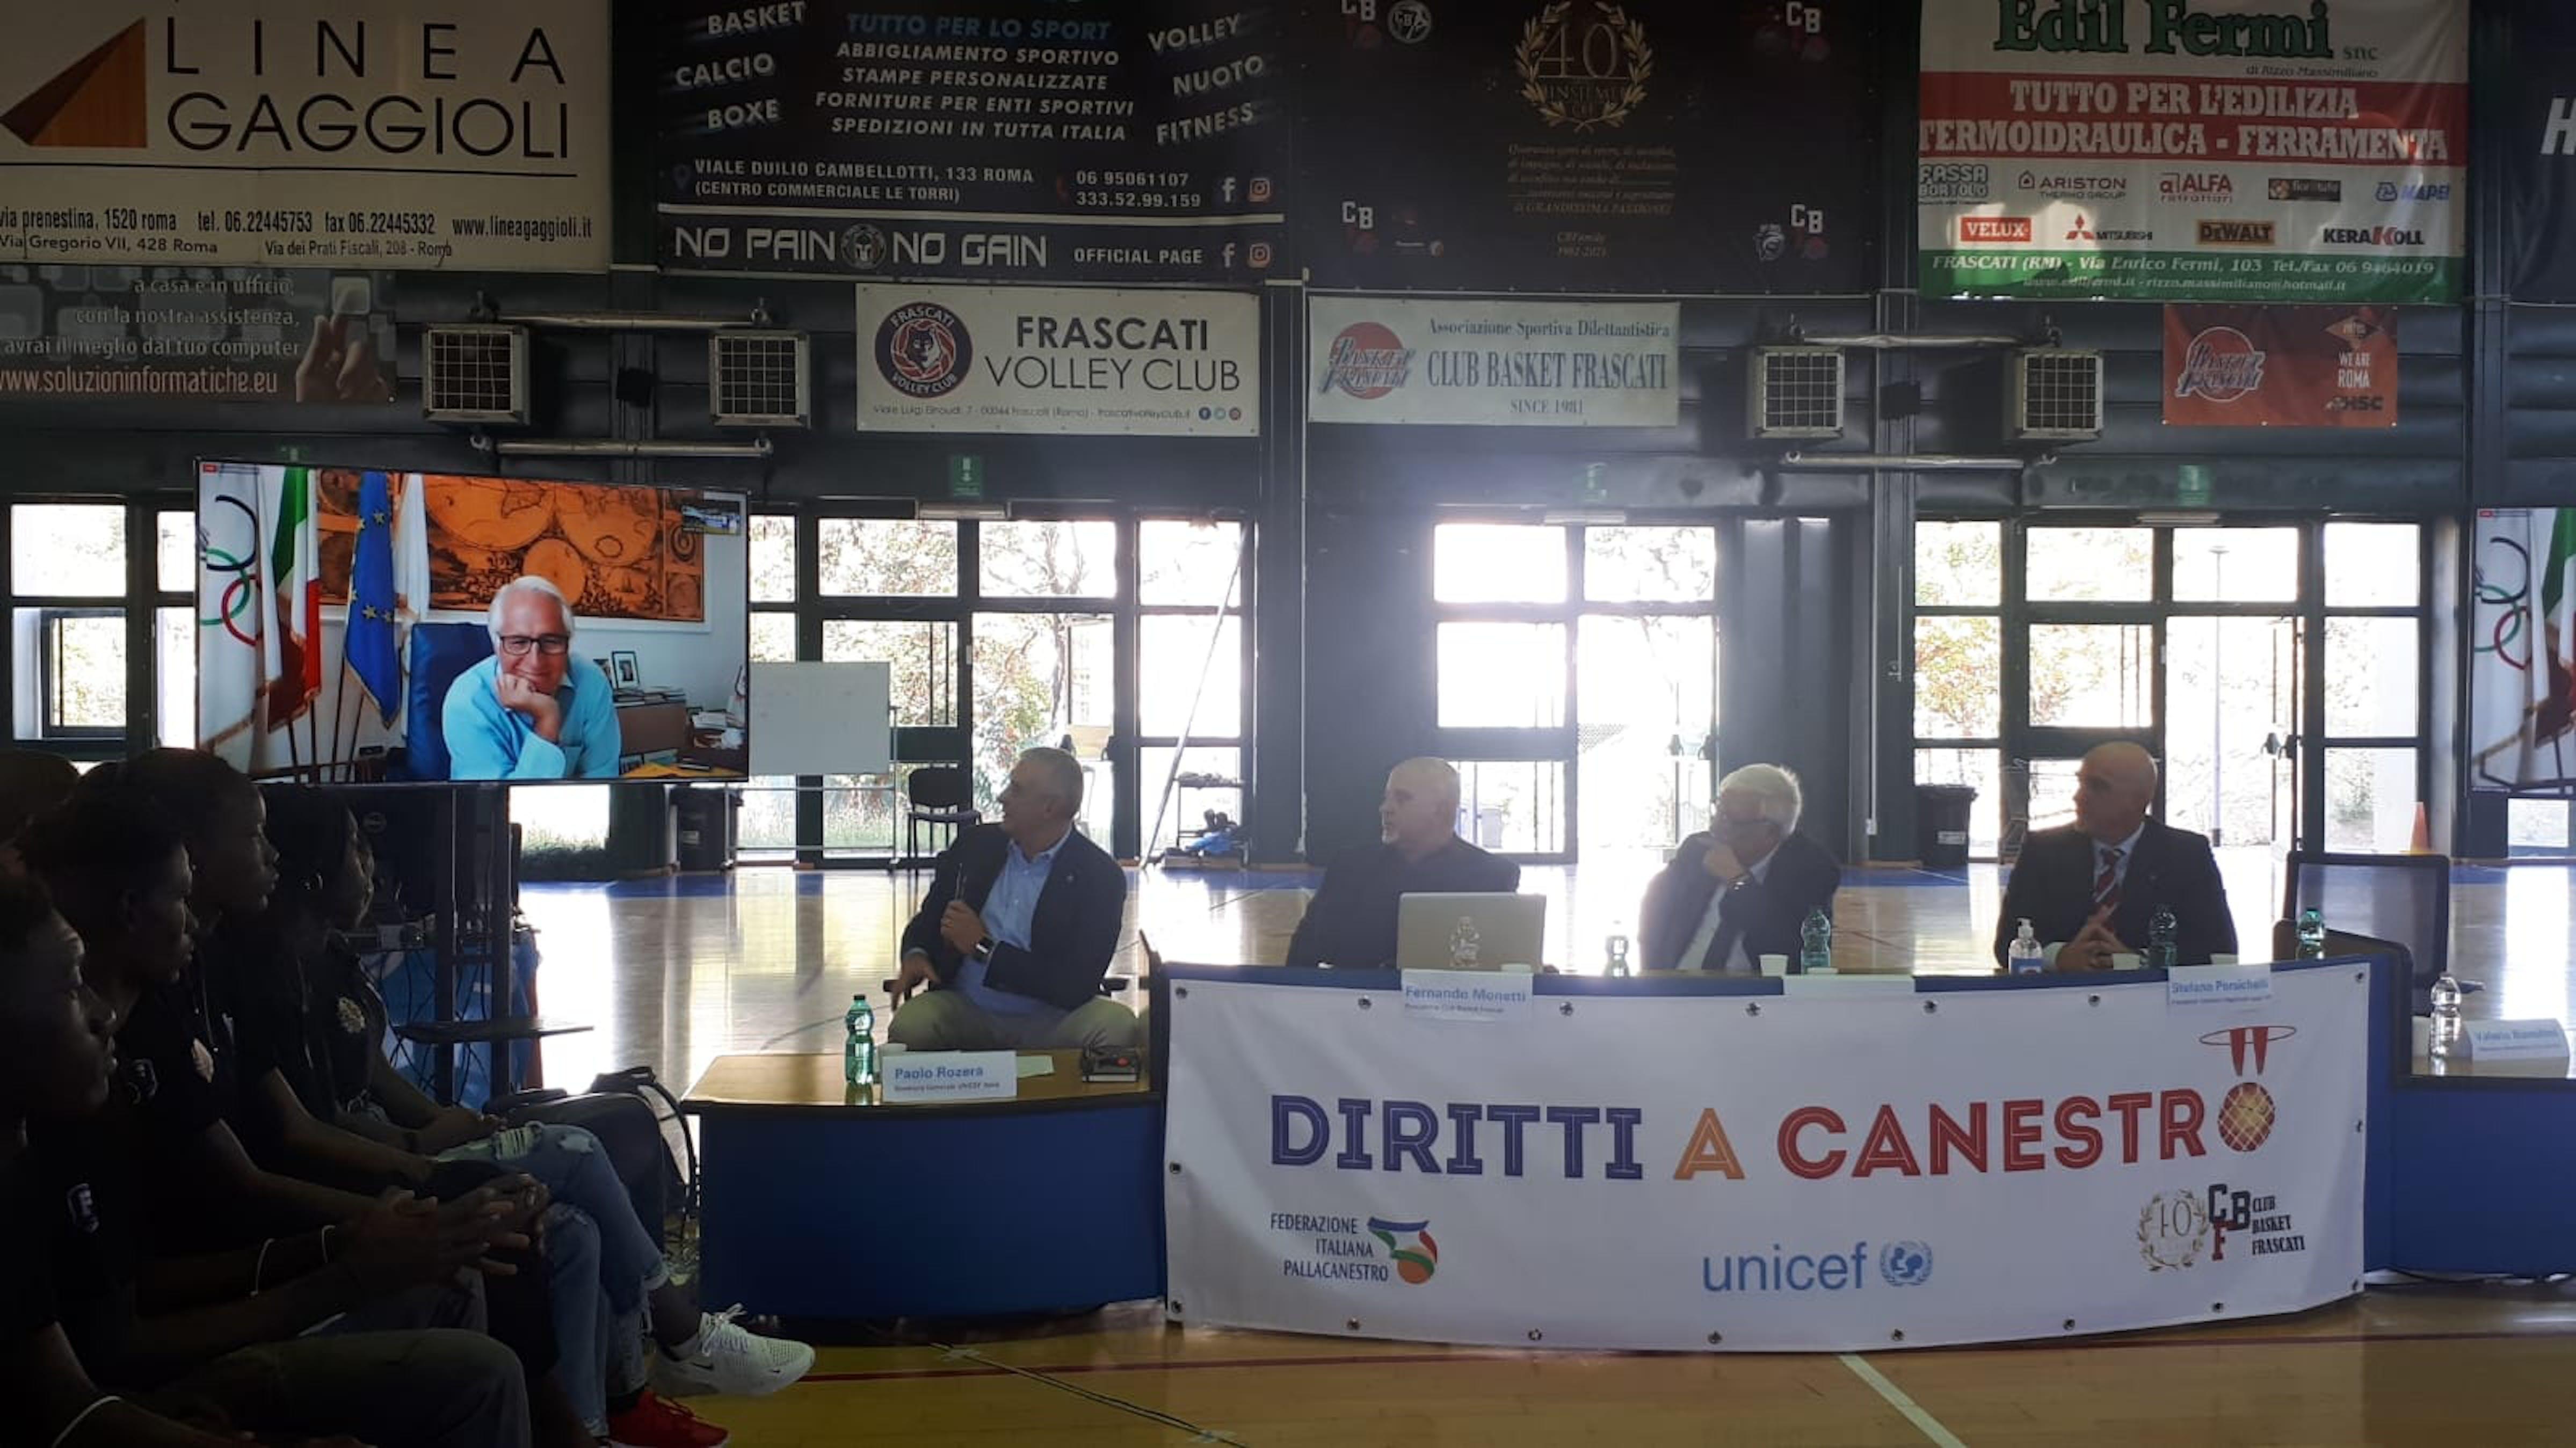 Frascati,  la conferenza stampa di presentazione del progetto Diritti a canestro